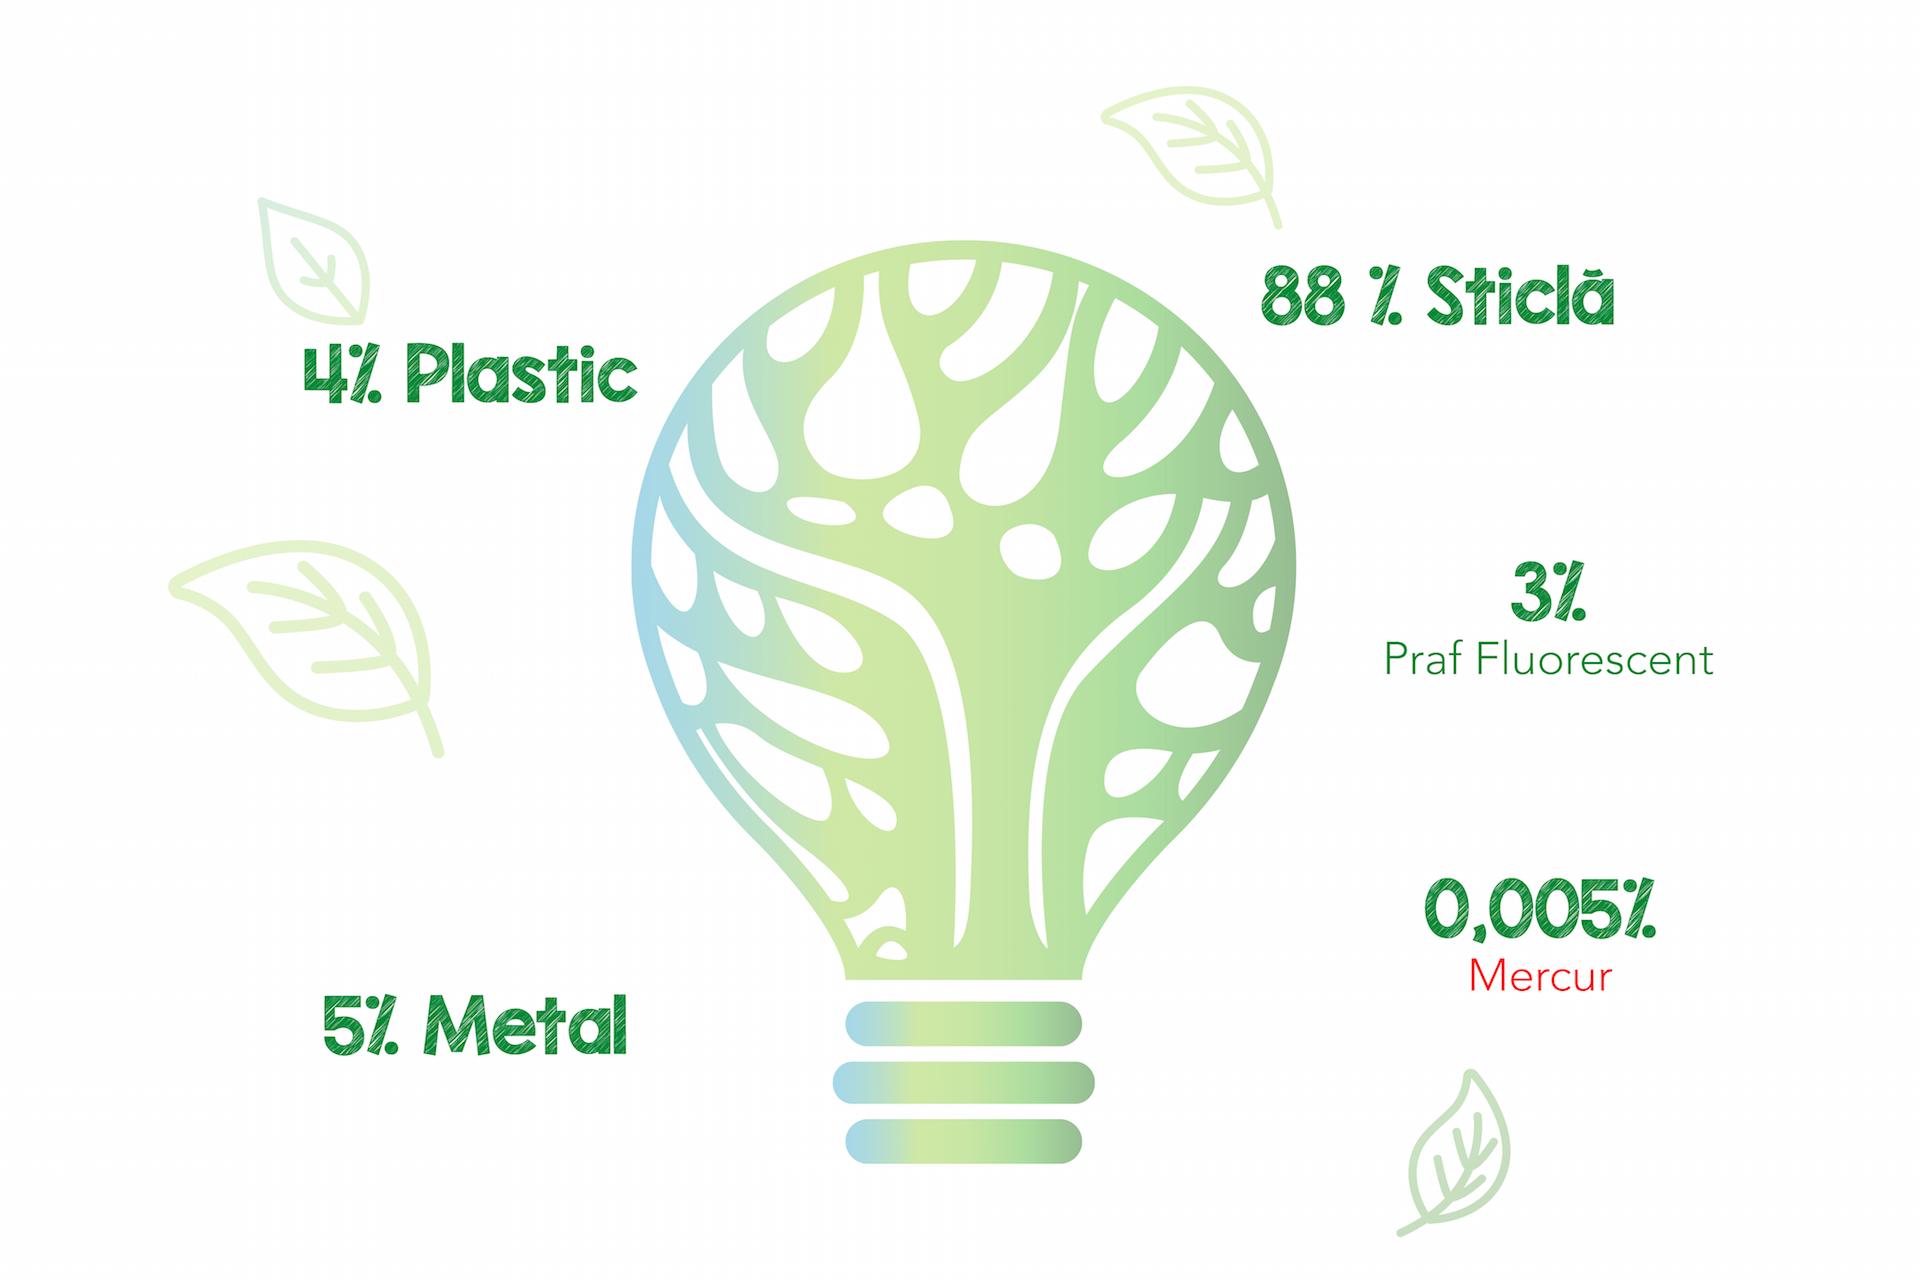 ASOCIATIA RECOLAMP - Firmă de colectare și reciclare deșeuri în București